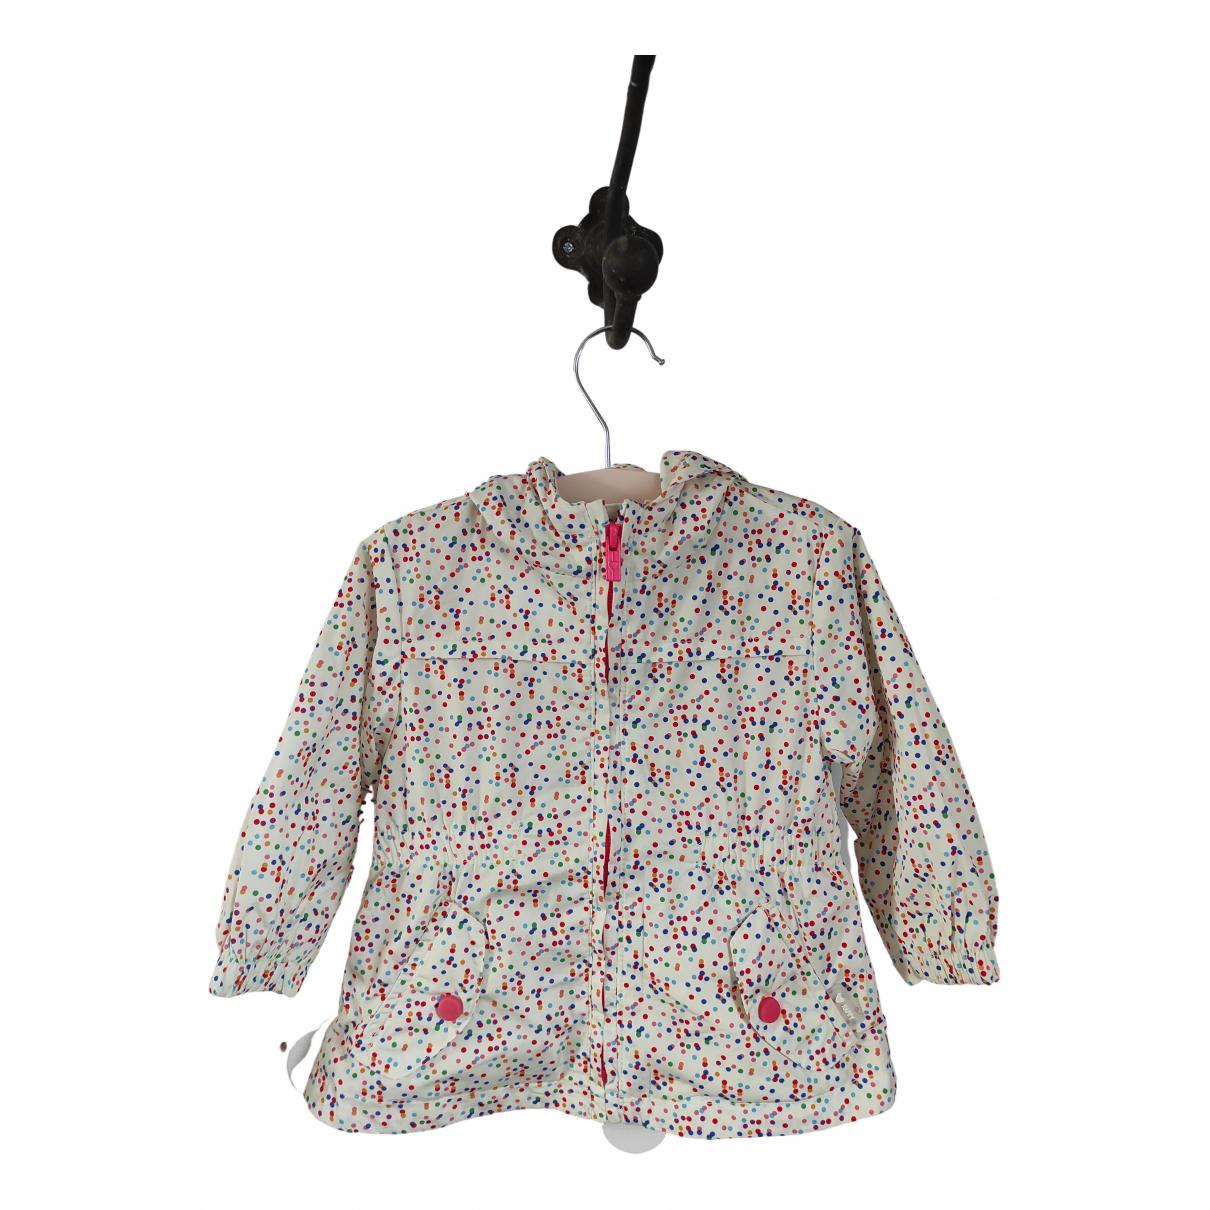 Zara - Blousons.Manteaux   pour enfant - multicolore